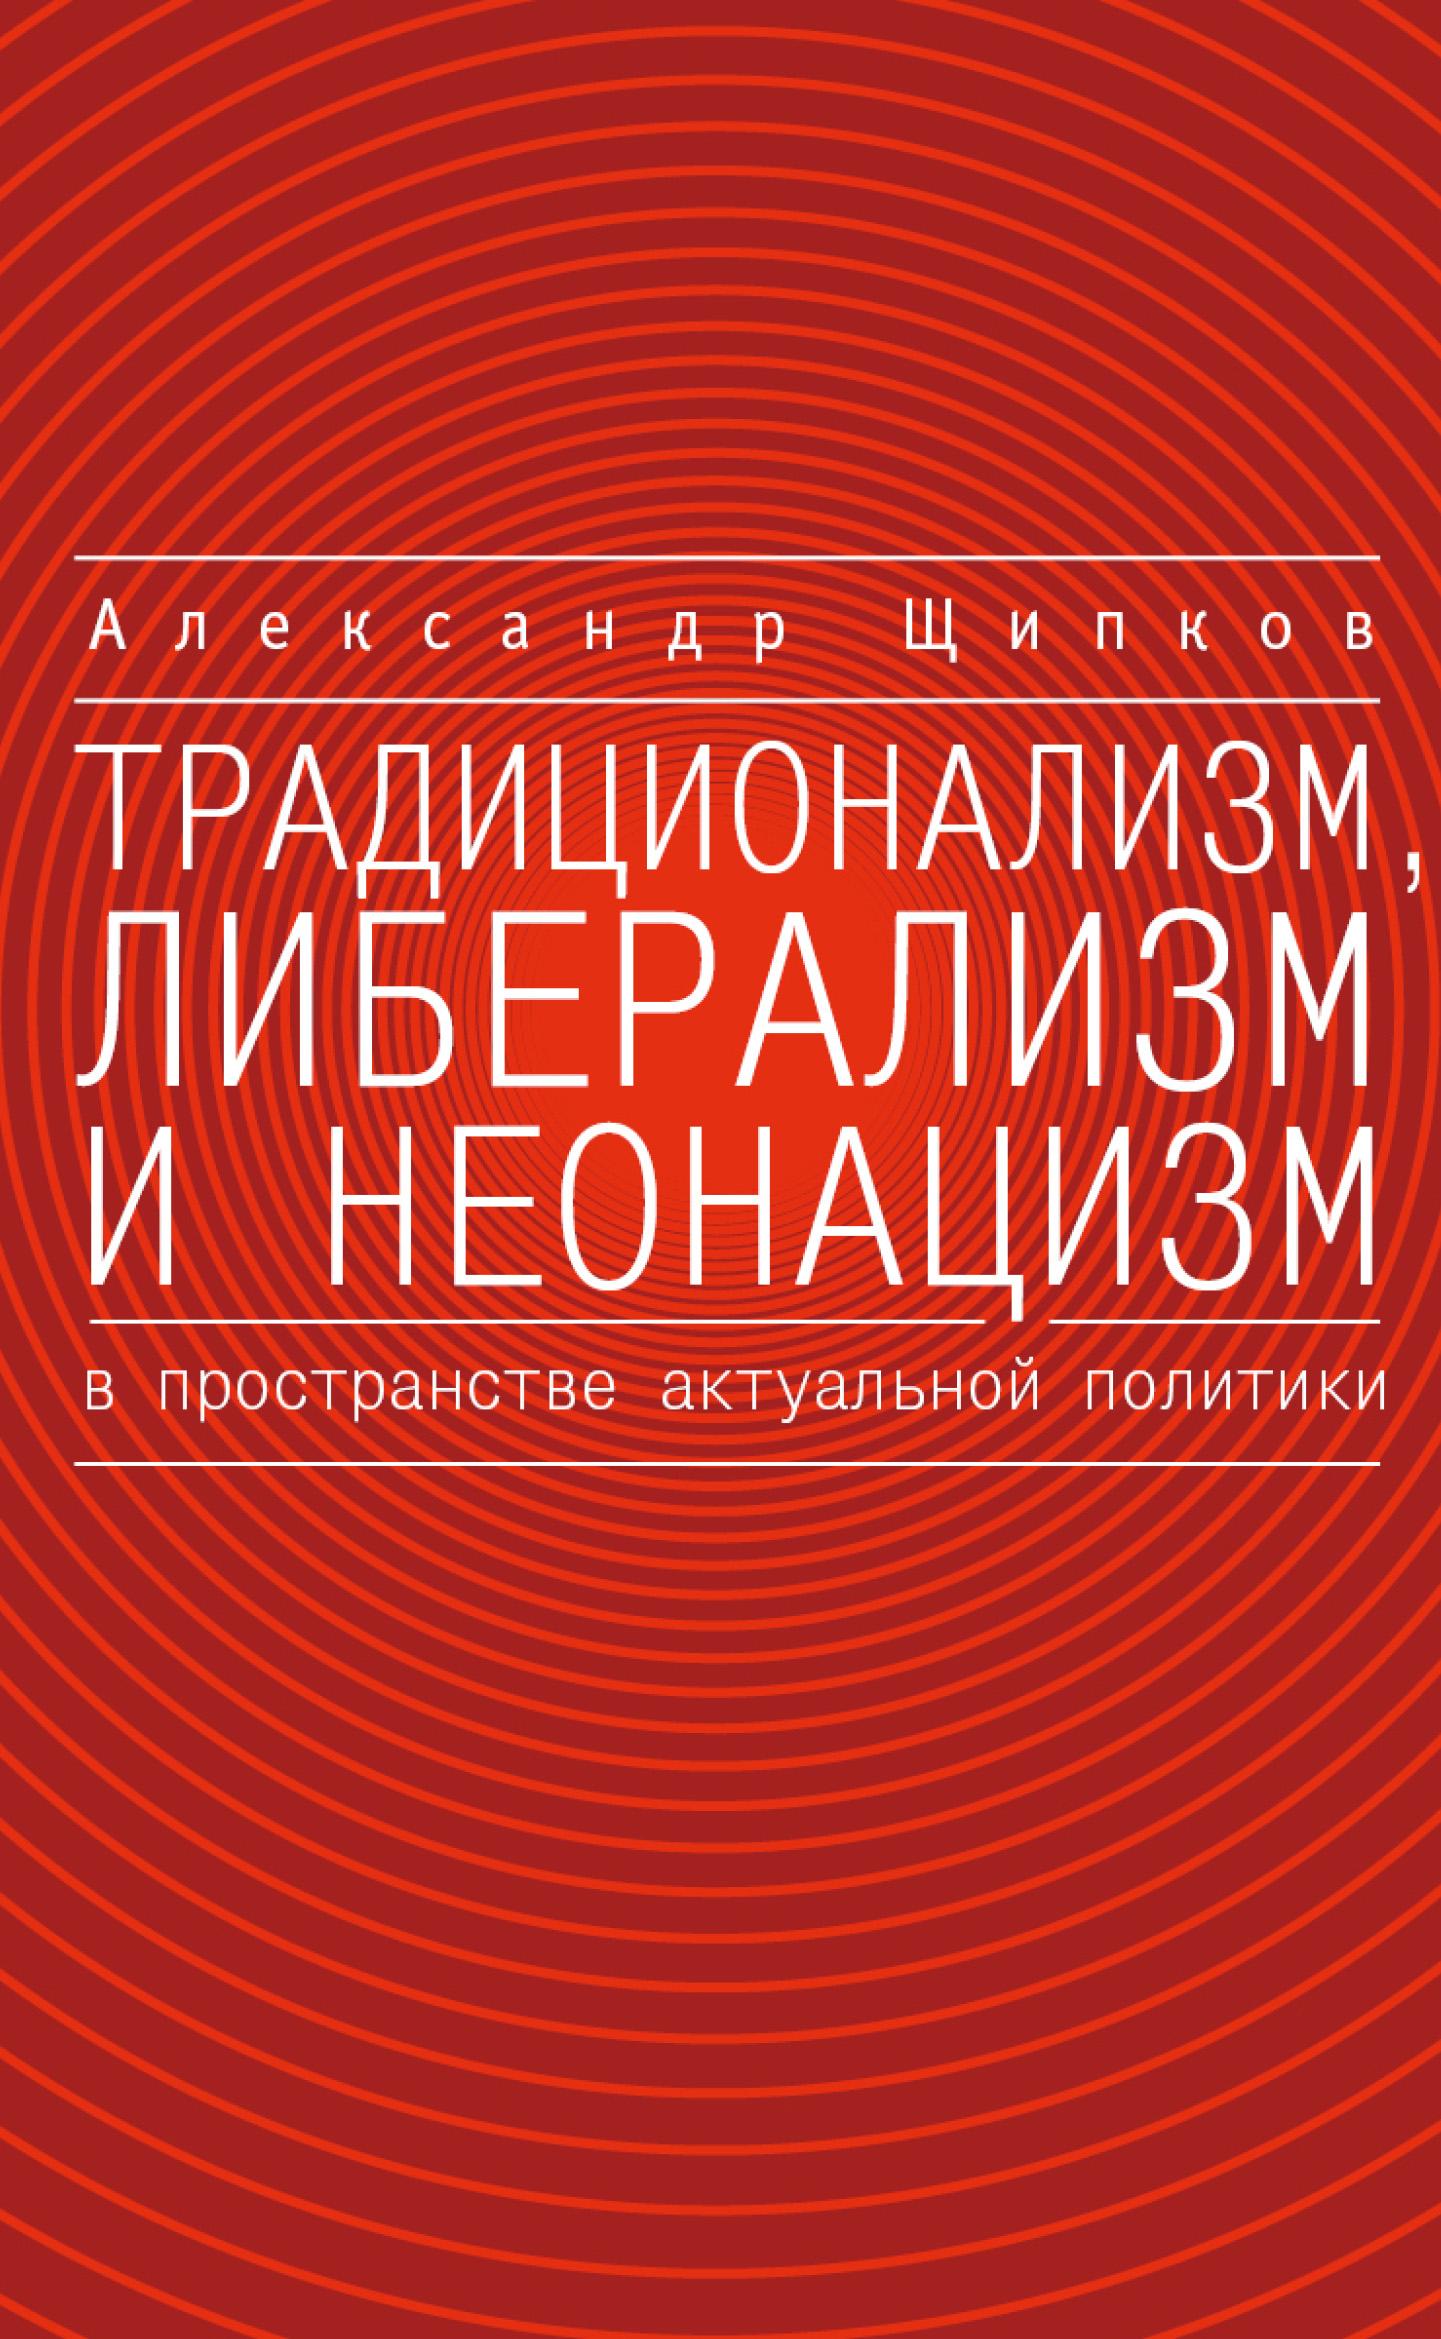 Александр Щипков Традиционализм, либерализм и неонацизм в пространстве актуальной политики щипков а традиционализм либерализм и неонацизм в пространстве актуальной политики